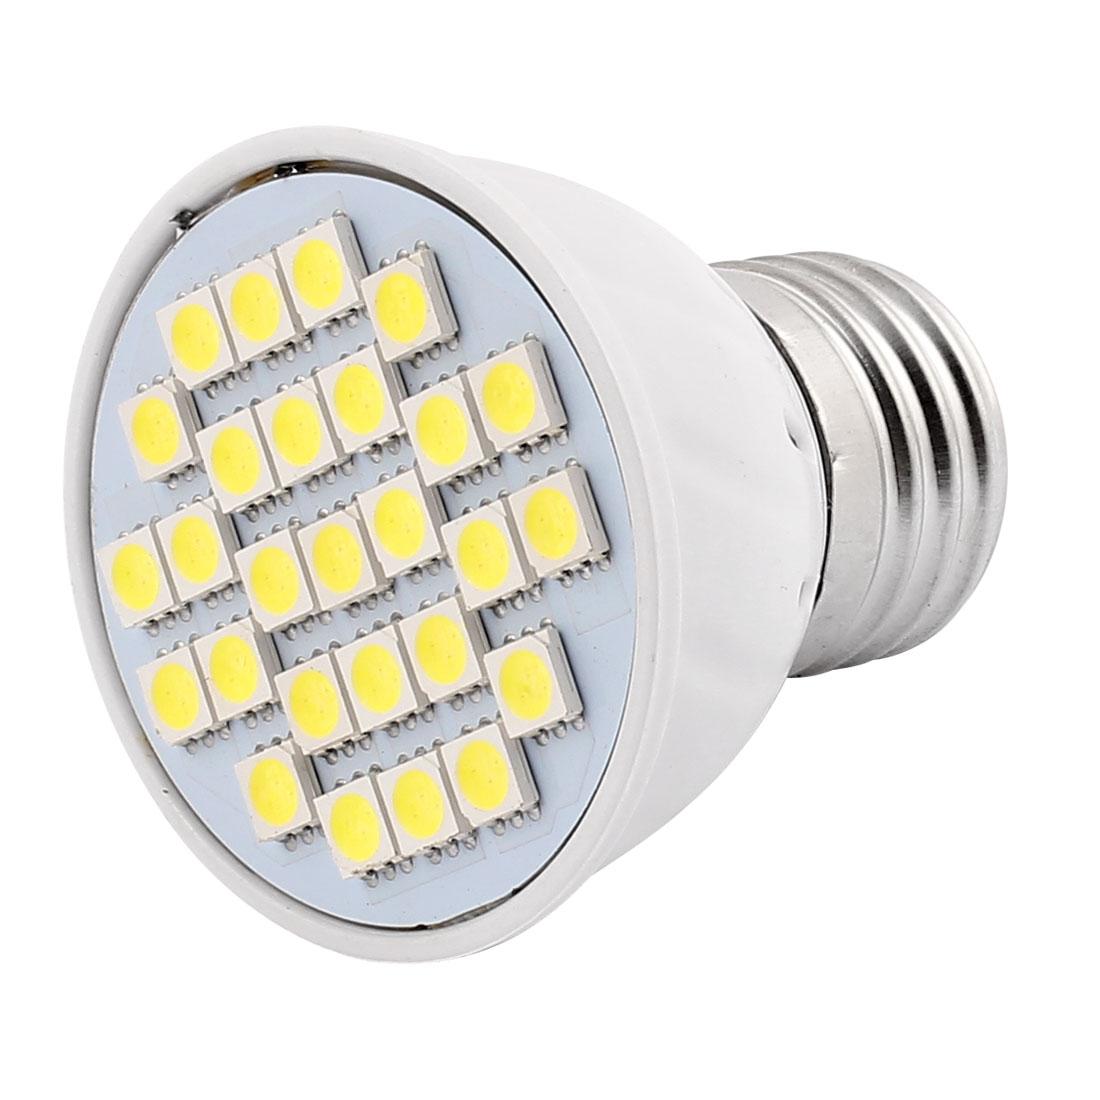 220V-240V-4W-E27-5050-SMD-27-LEDs-LED-Light-Spotlight-Lamp-Energy-Saving-White